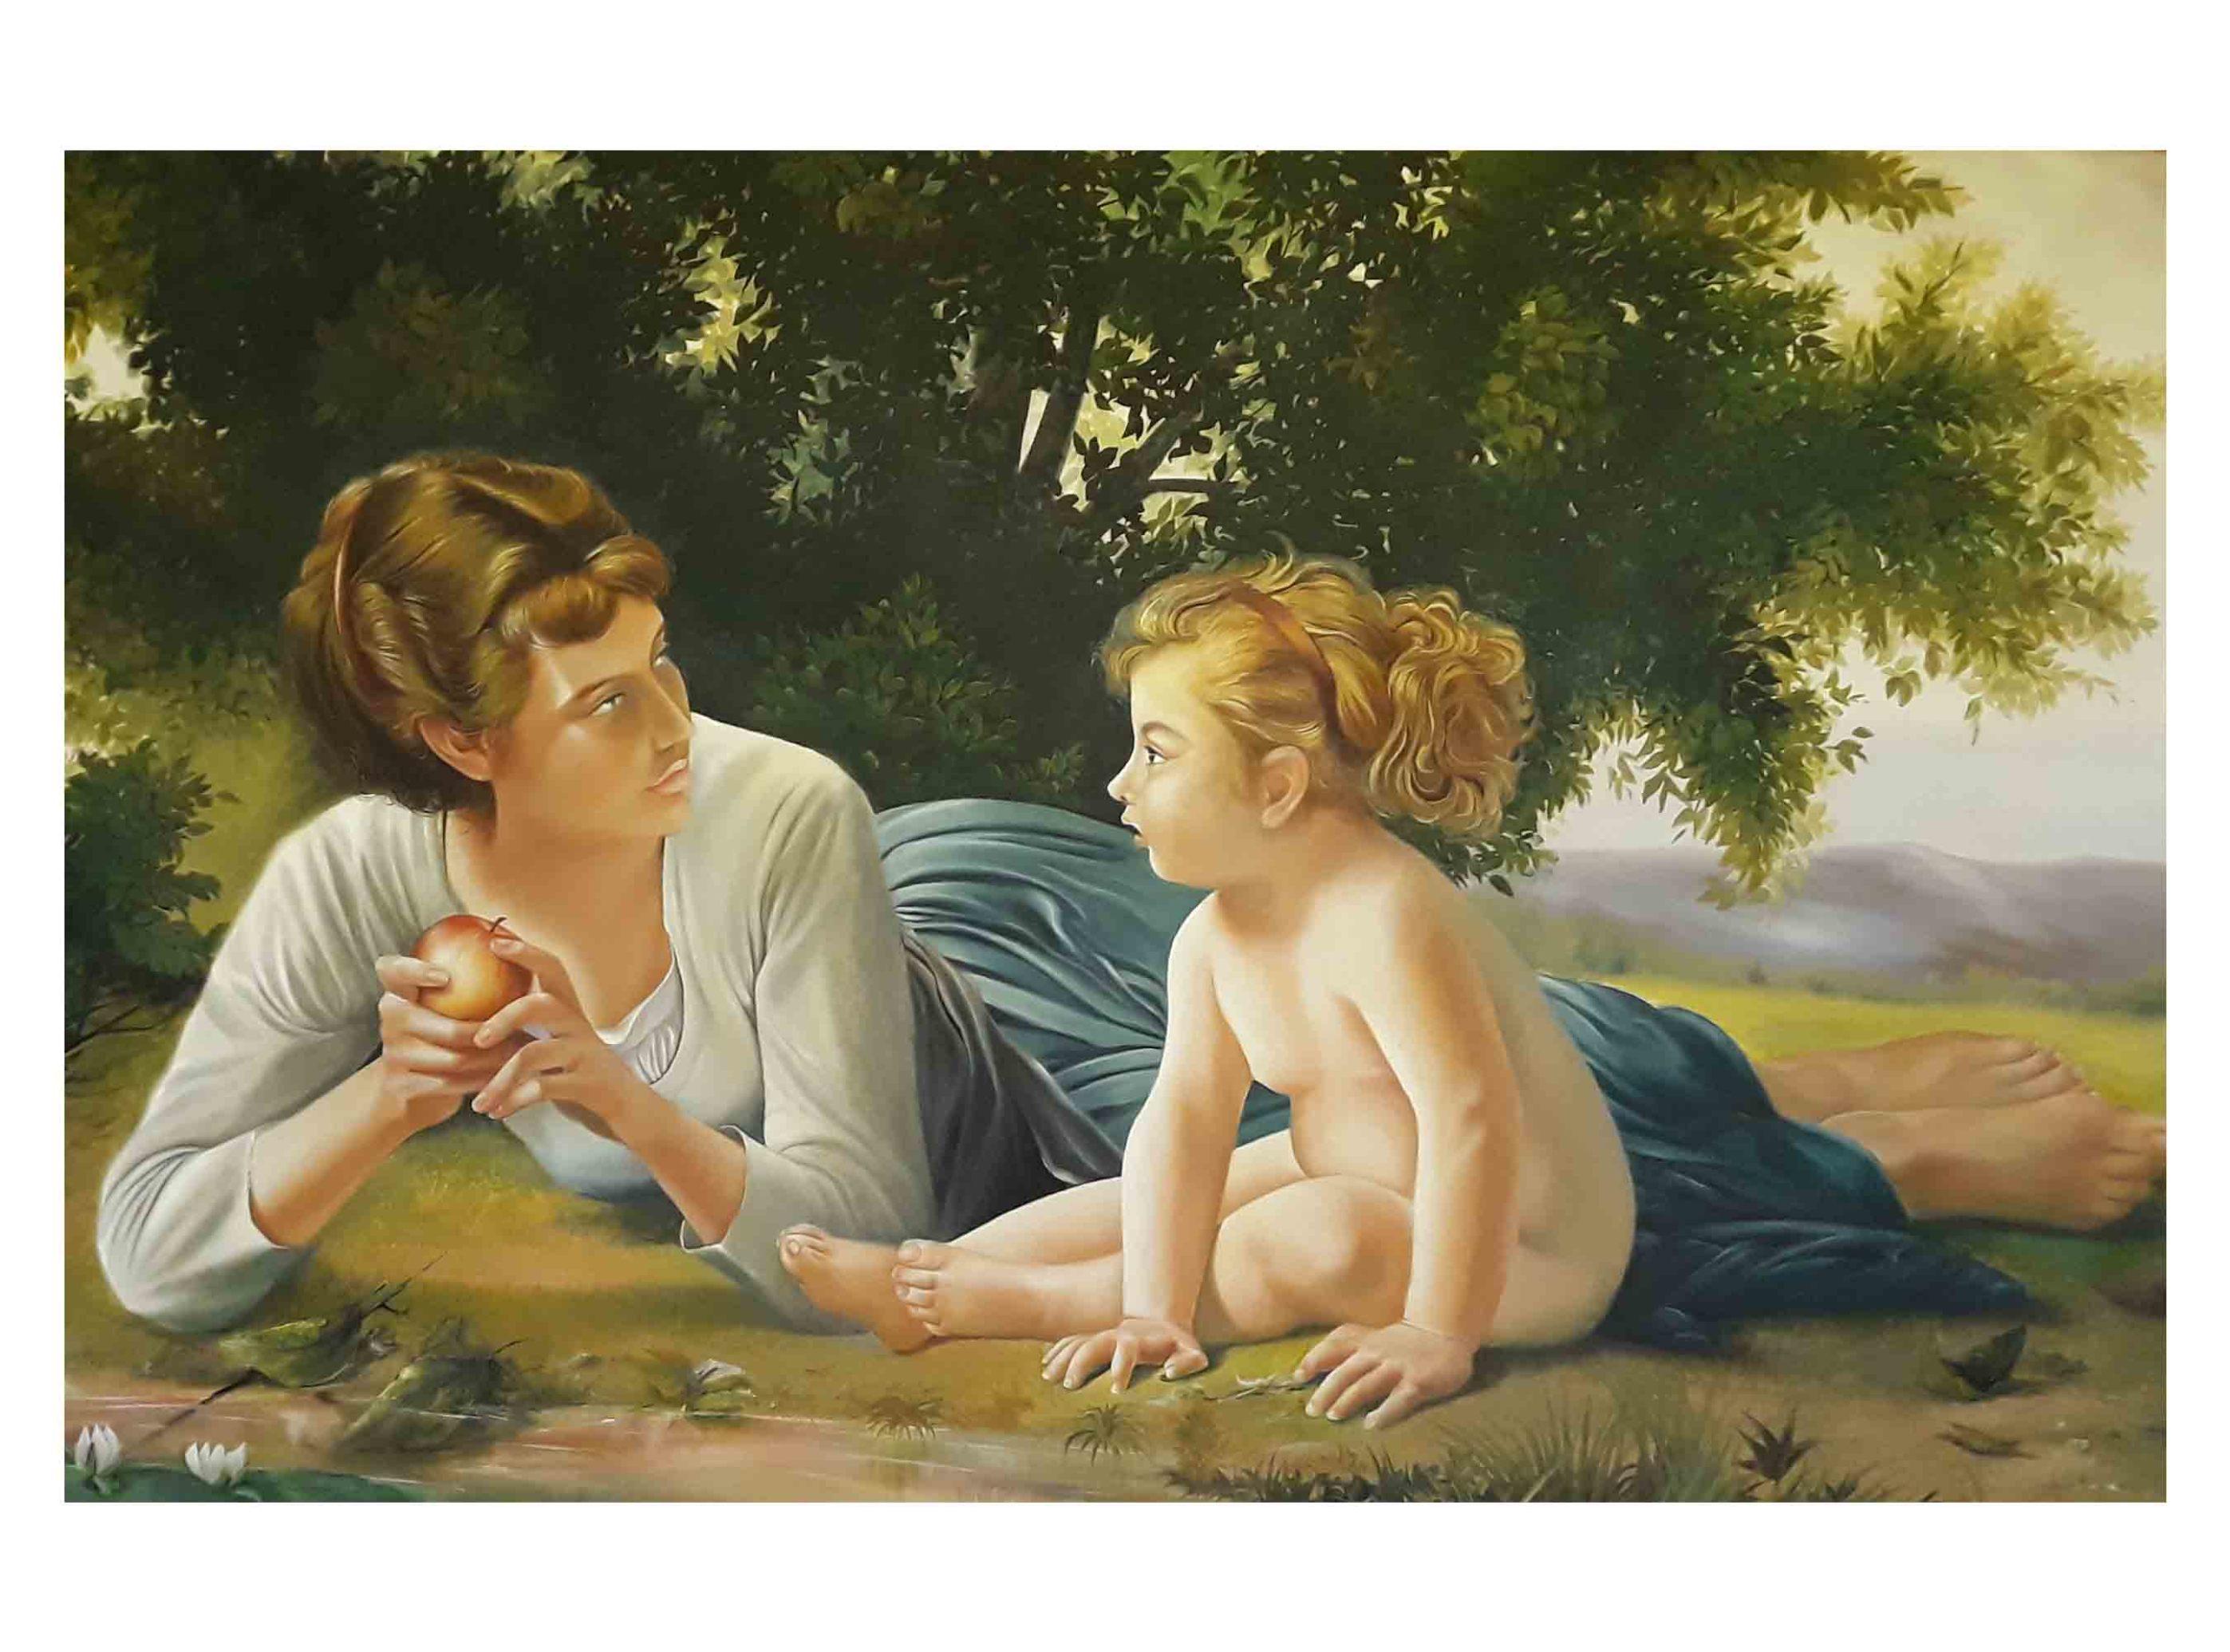 تابلو نقاشی مادر و دختر به سبک رئالیسم، تکنیک رنگ روغن